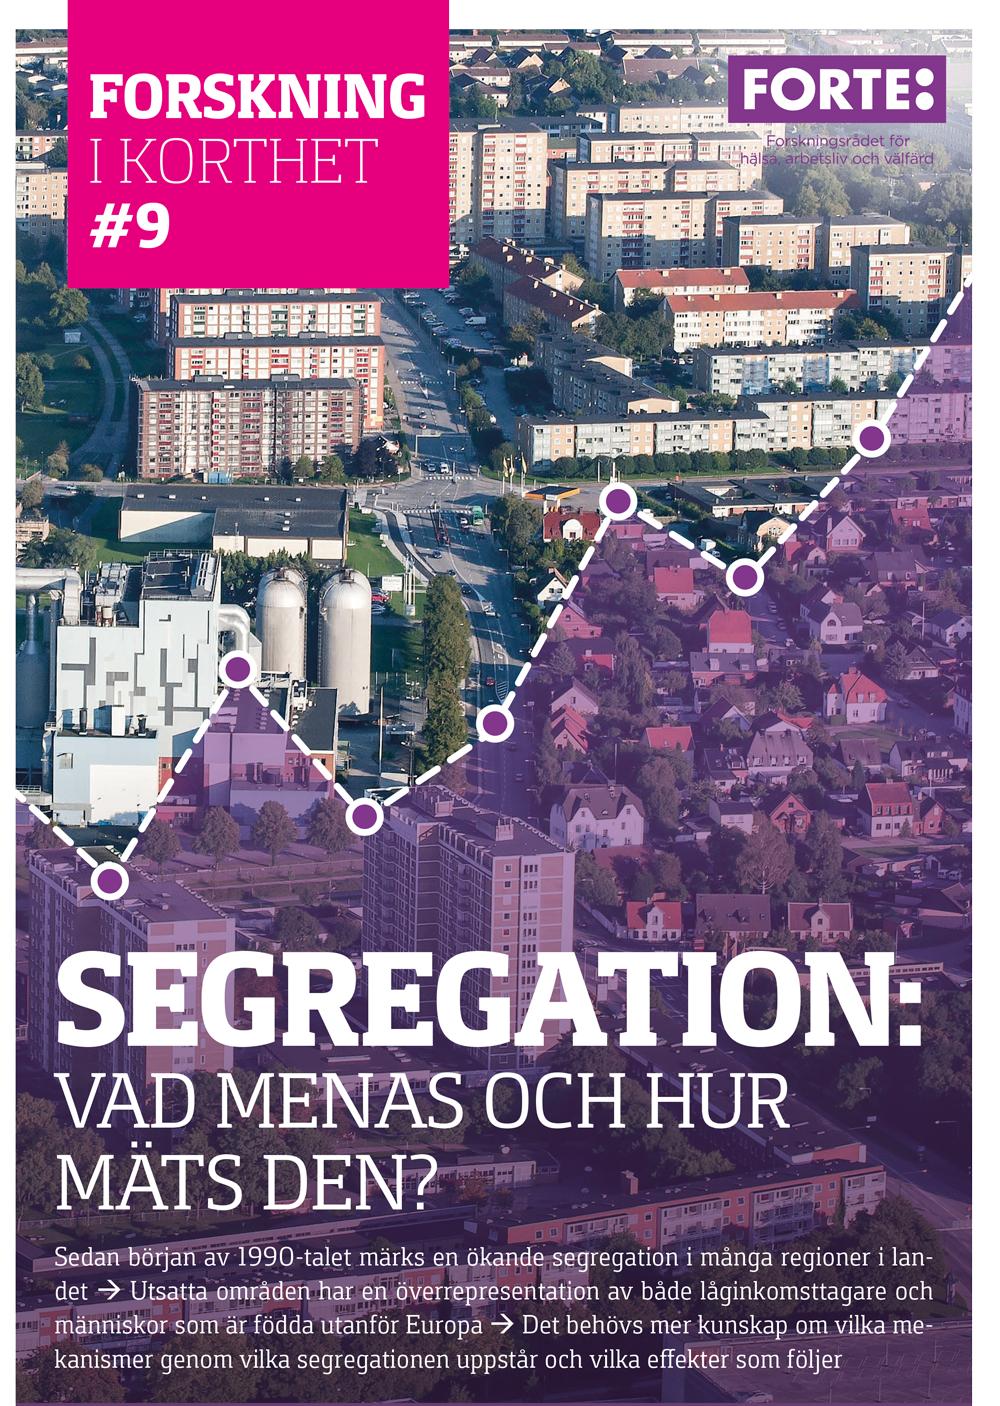 Forskning i korthet: Segregation – vad menas och hur mäts den?